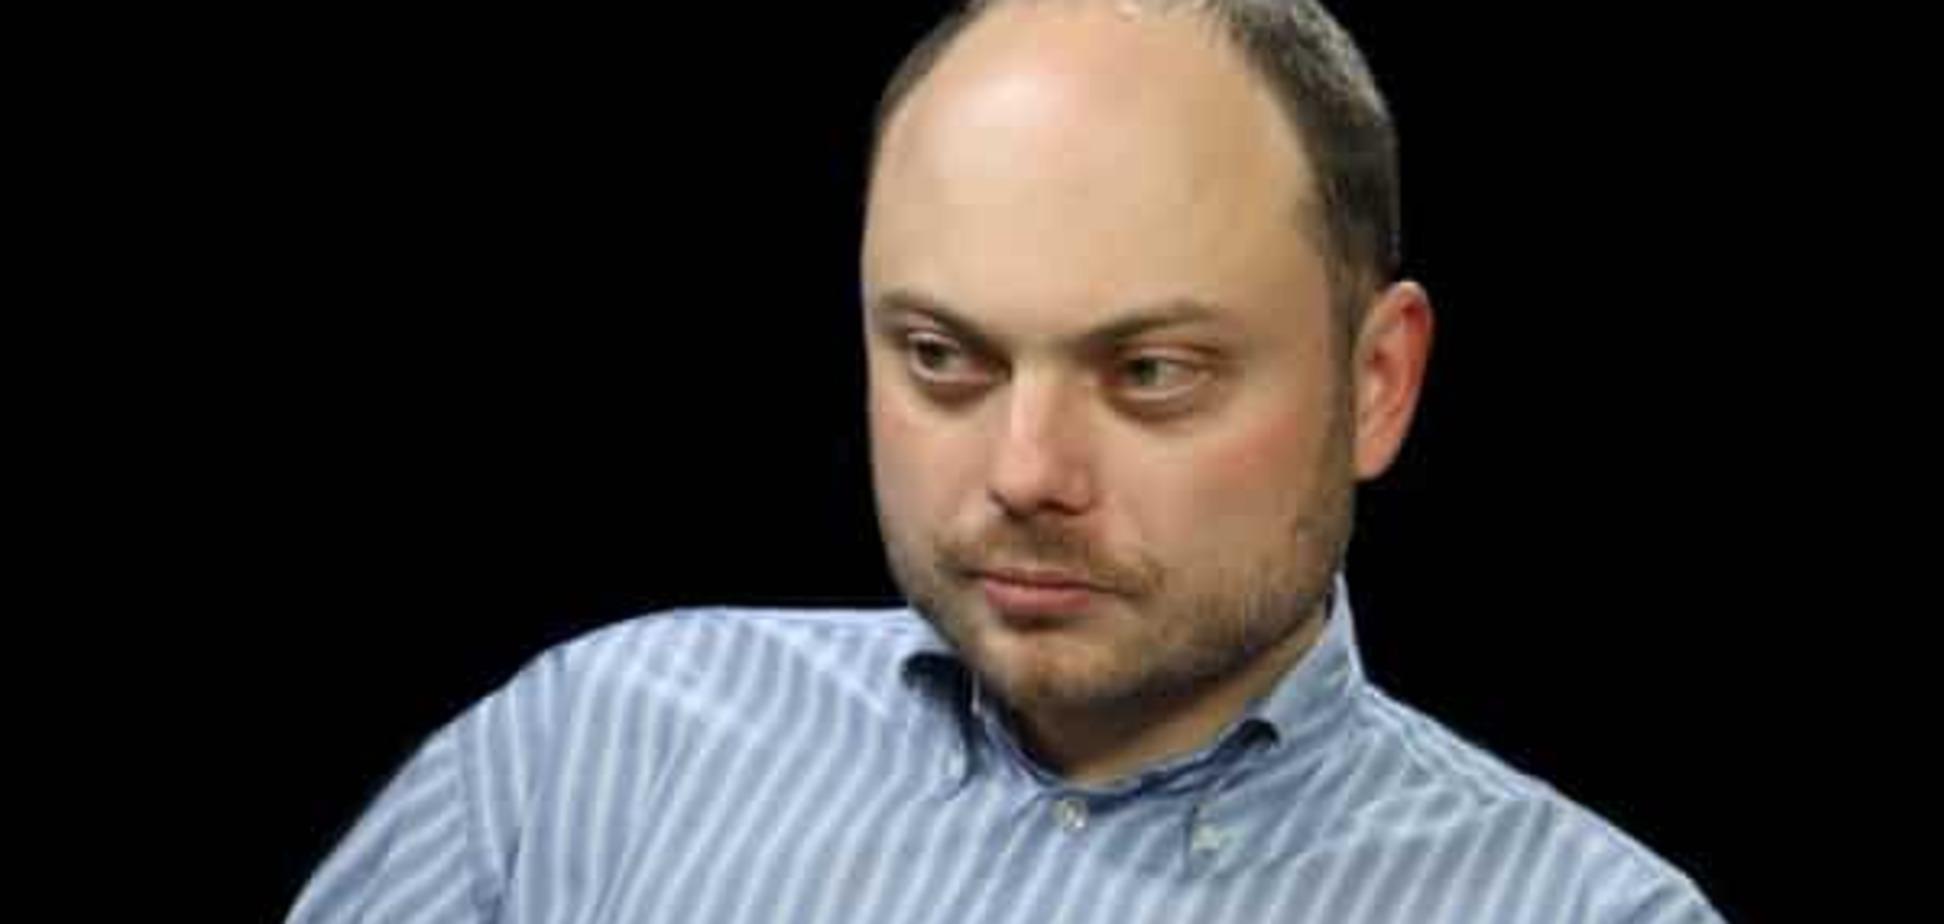 Французькі експерти з'ясували, чим намагалися отруїти соратника Нємцова